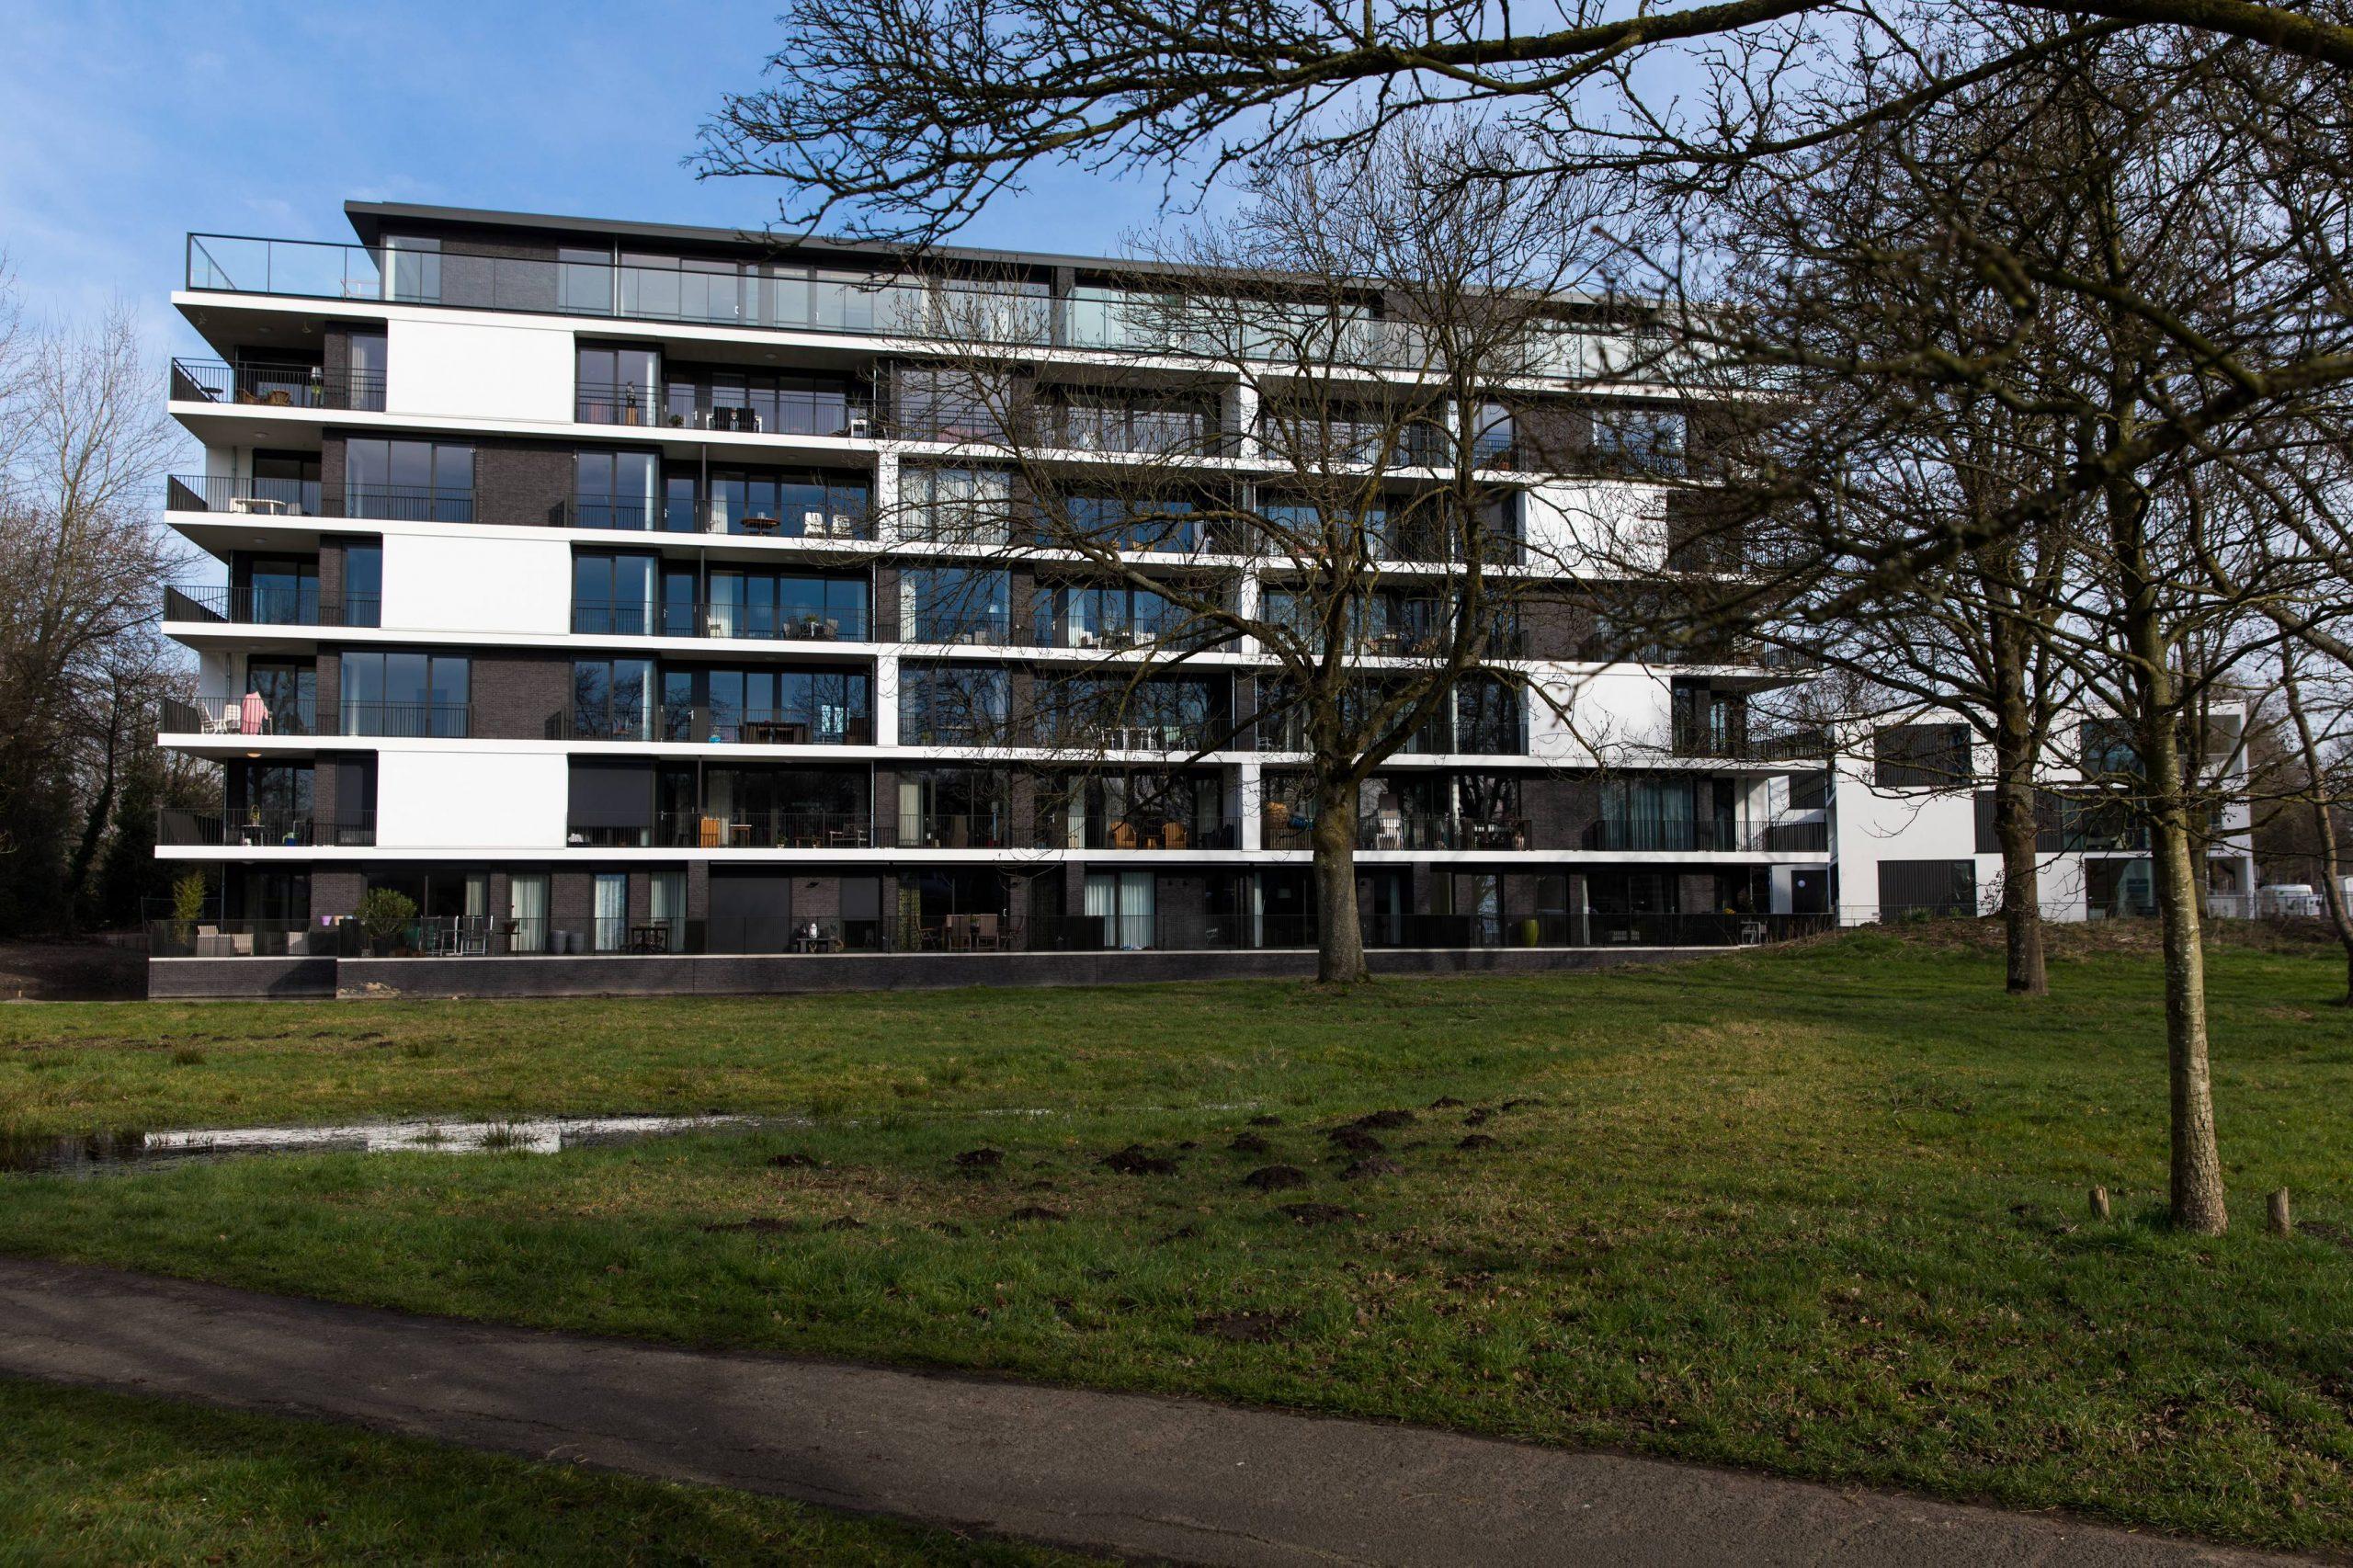 Nieuwbouw appartementen Het Sonnet 5